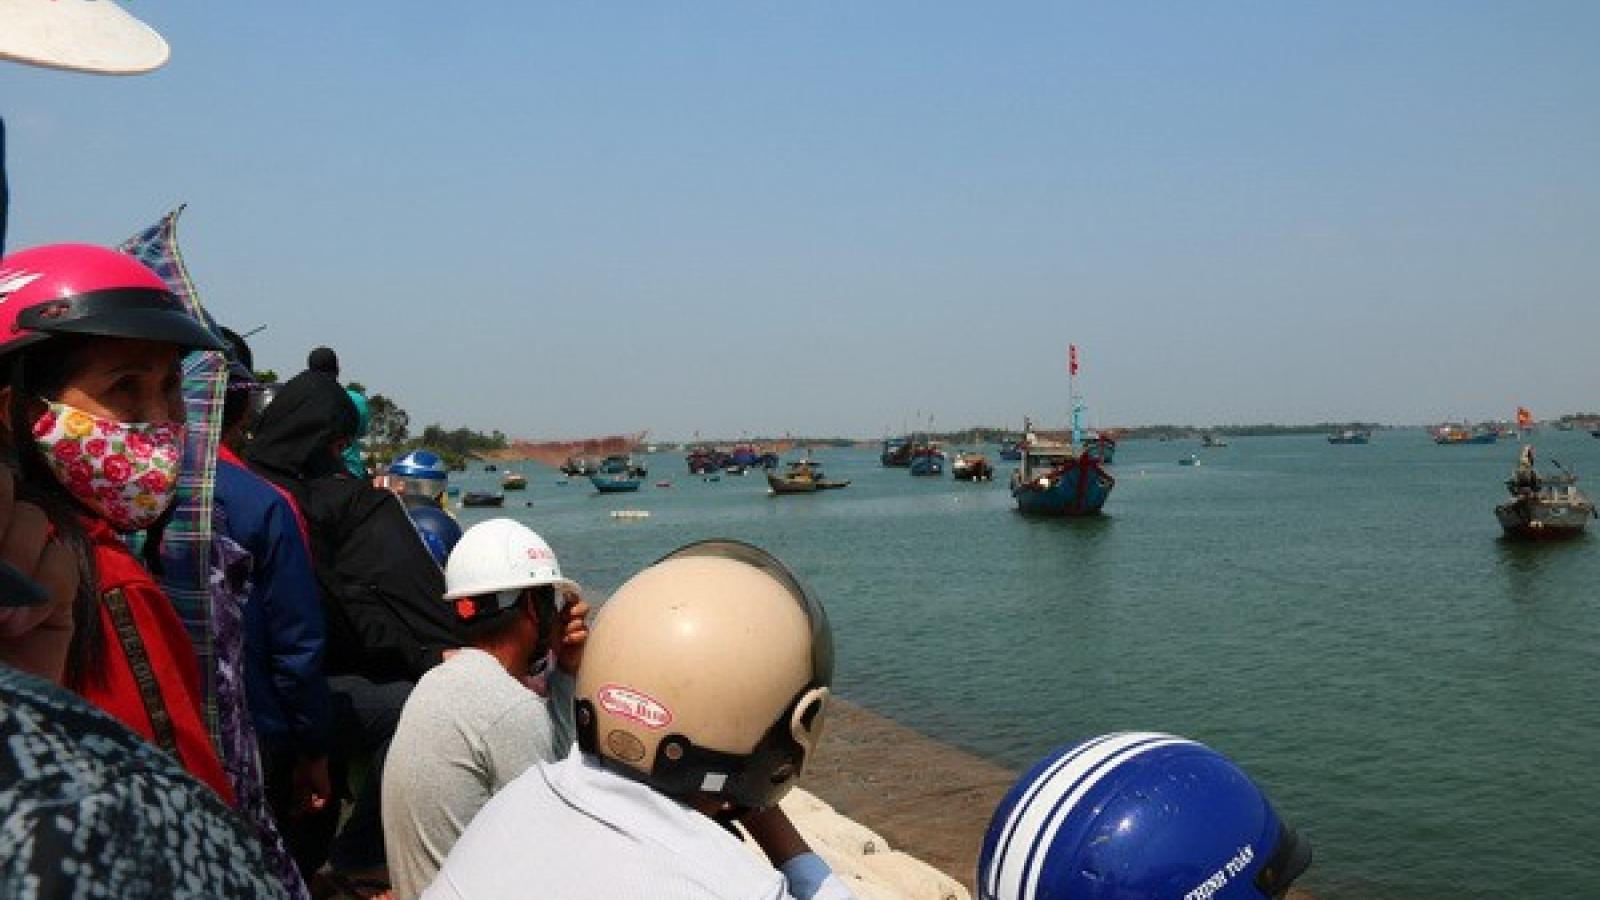 Đã tìm thấy 2 thi thể nạn nhân vụ lật thuyền trên sông Thu Bồn